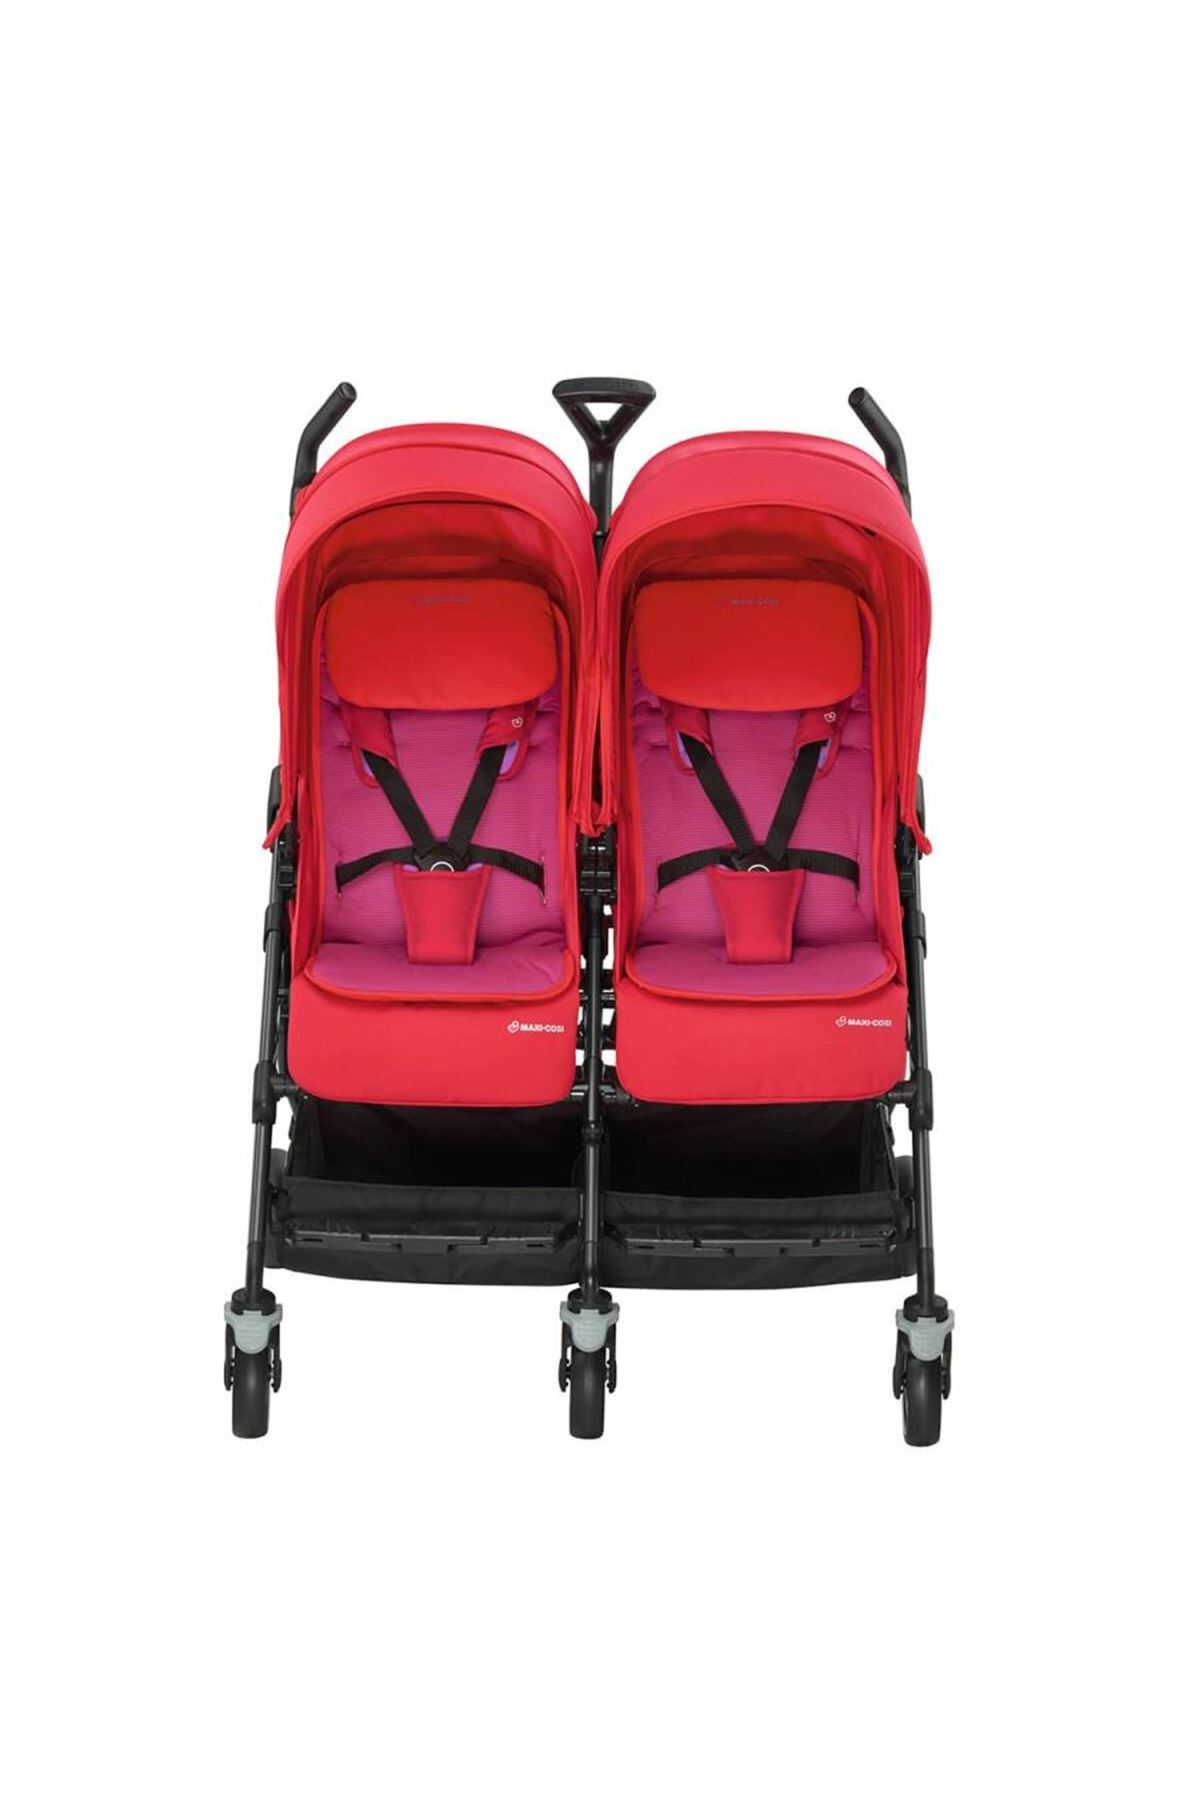 Maxi-Cosi Dana For2 İkiz Bebek Arabası / Red Orchid